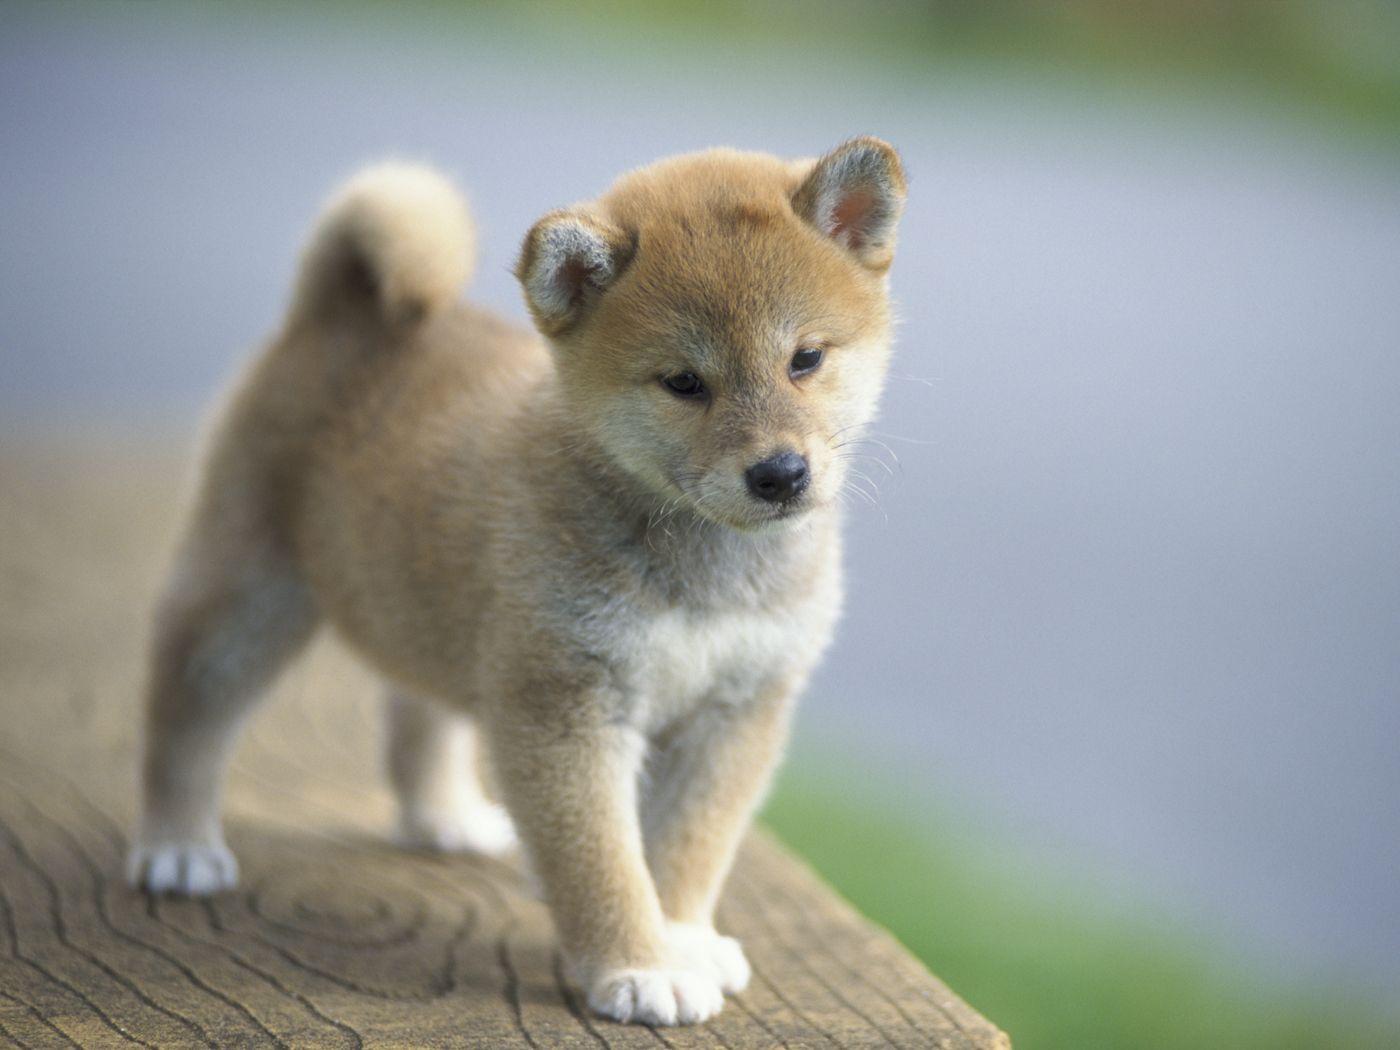 かわいい犬の壁紙 動物 かわいい犬の画像集 壁紙 動物 かわいい